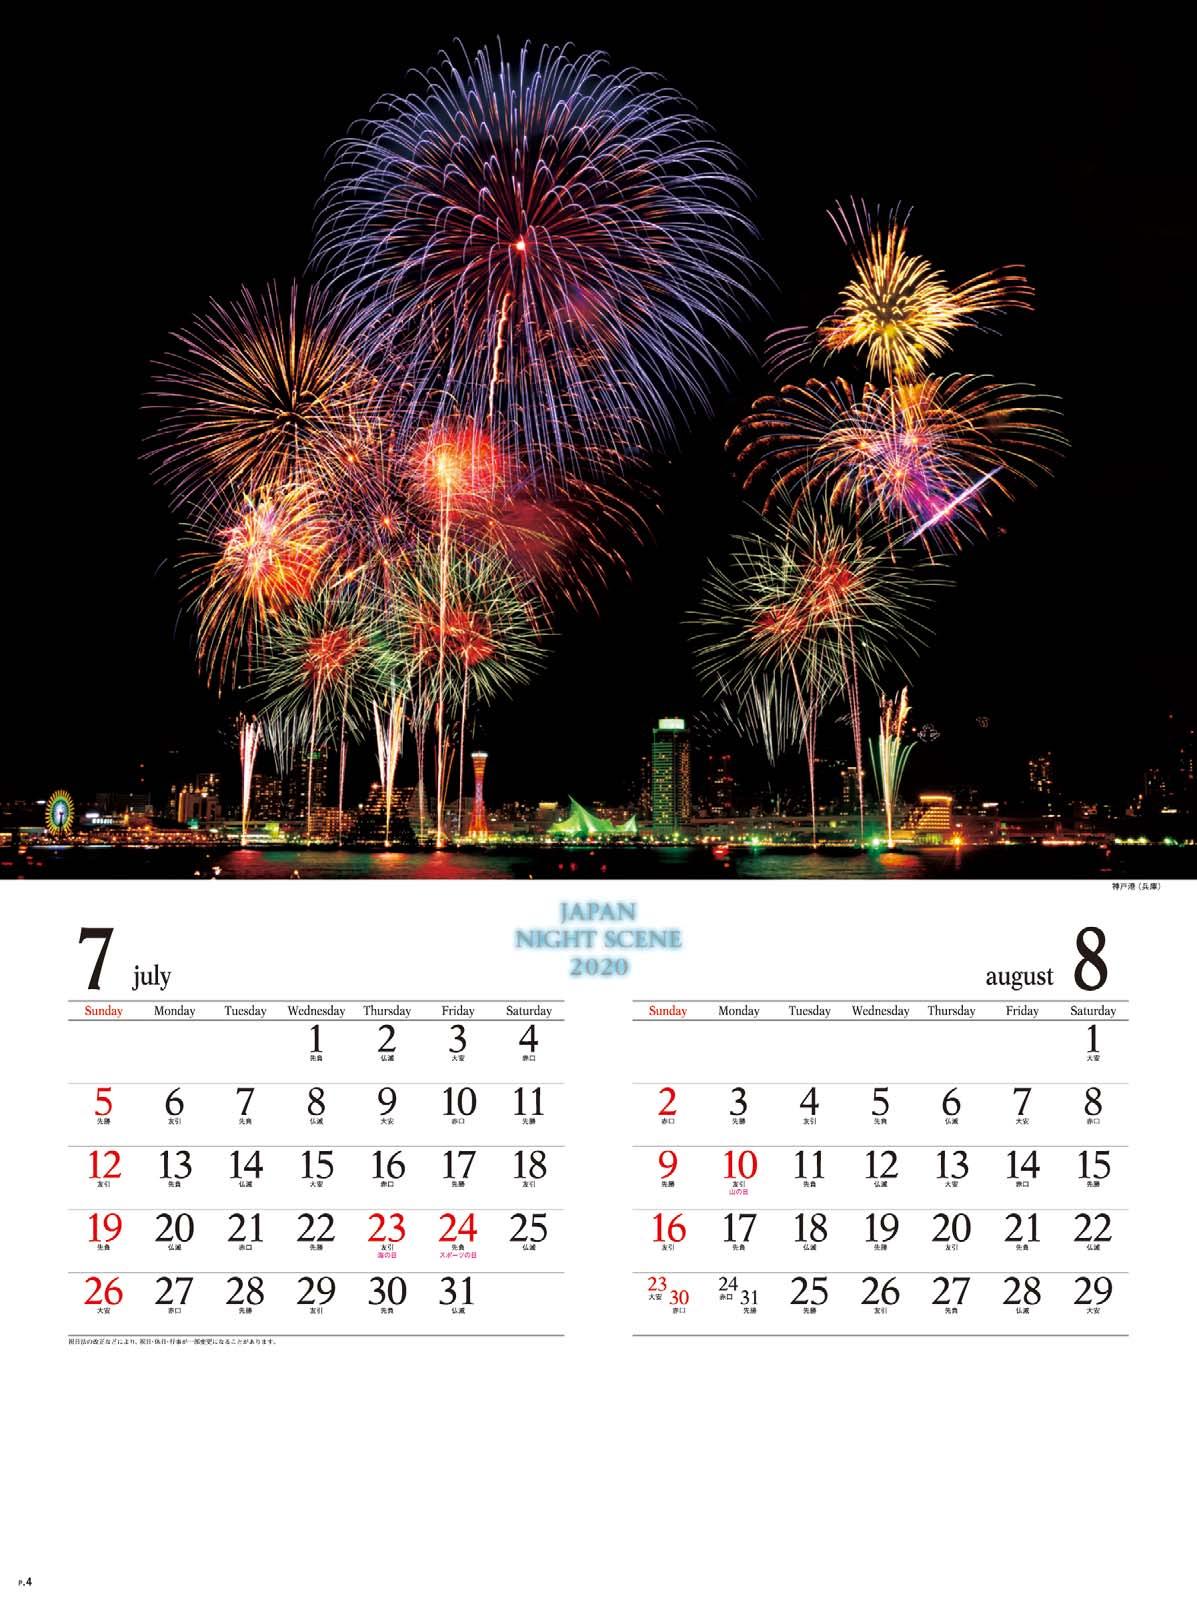 画像:神戸港(兵庫) ジャパンナイトシーン 日本の夜景 2020年カレンダー